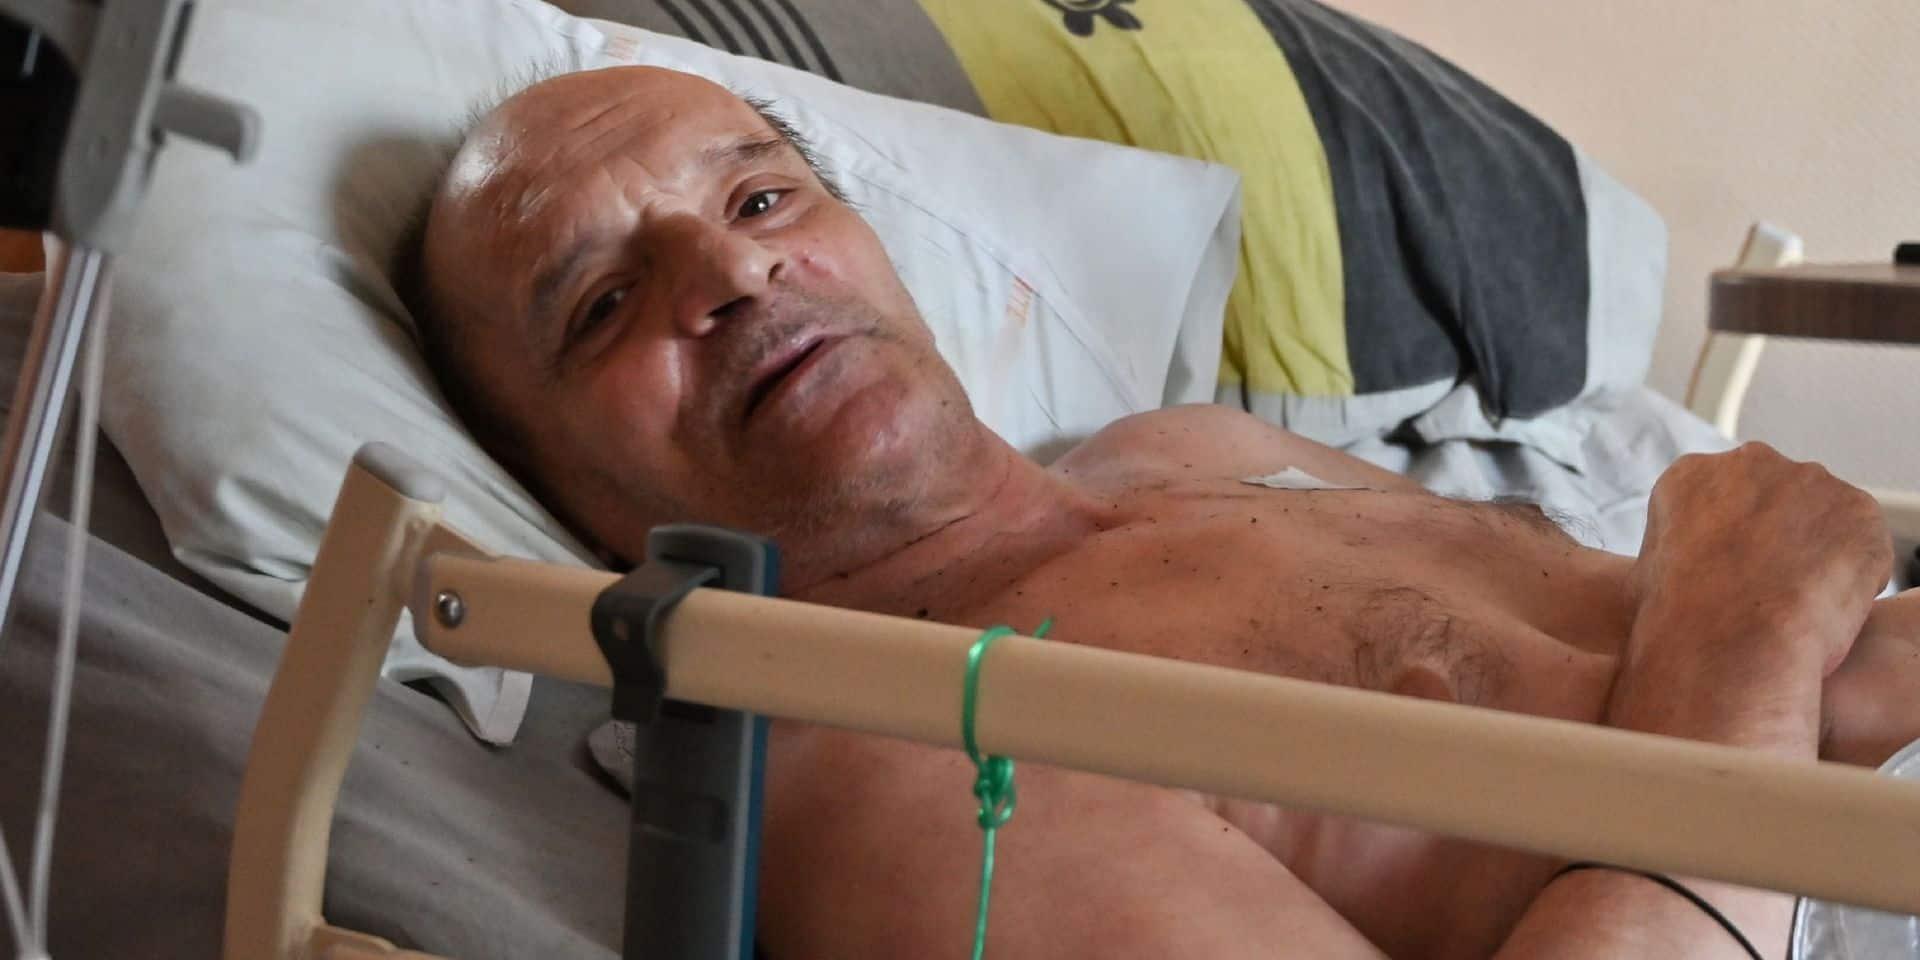 Fin de vie: Alain Cocq cesse sa grève des soins et de la faim